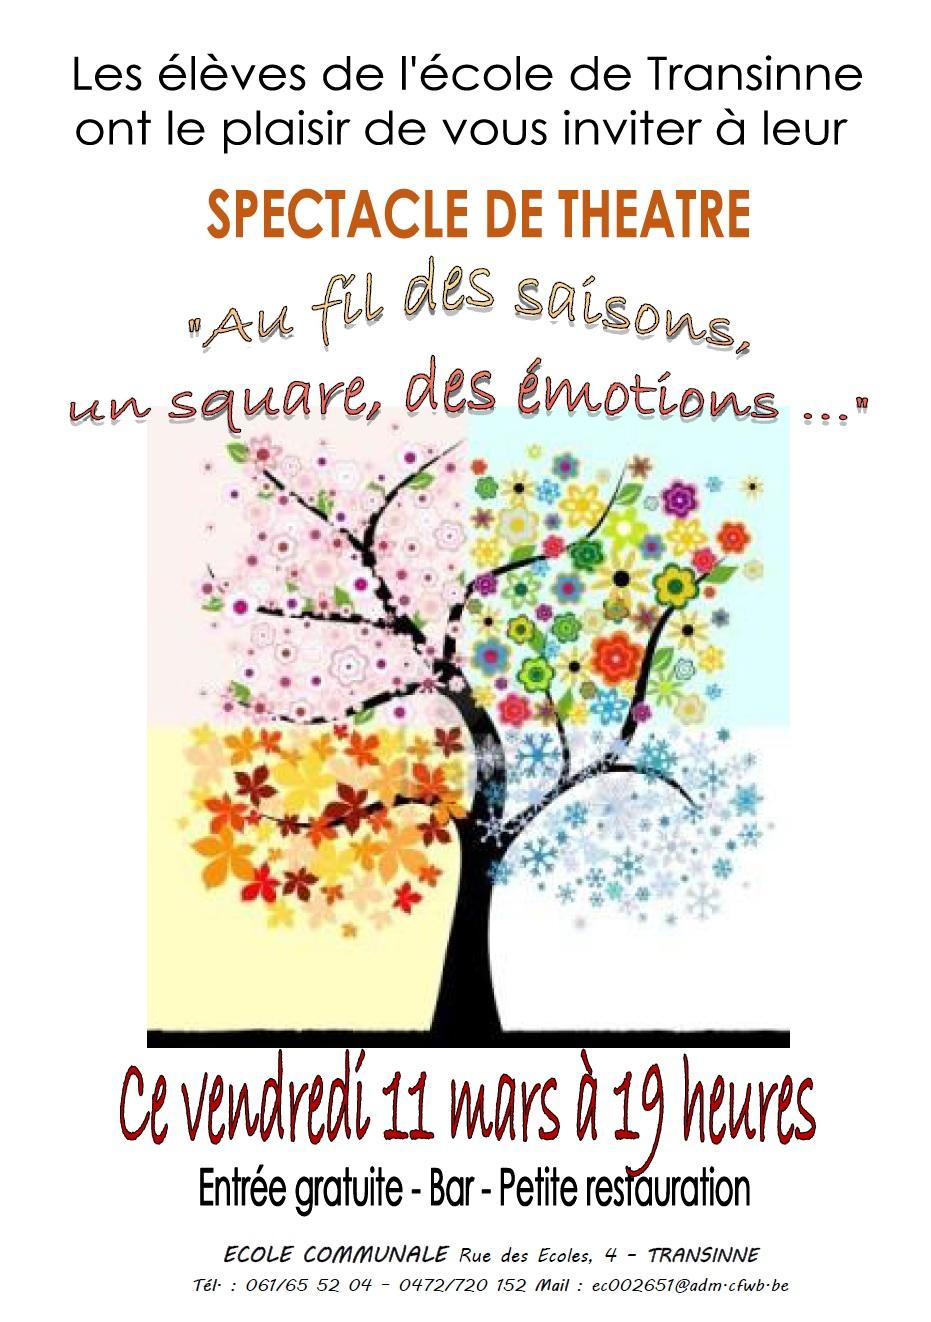 Théâtre à Transinne